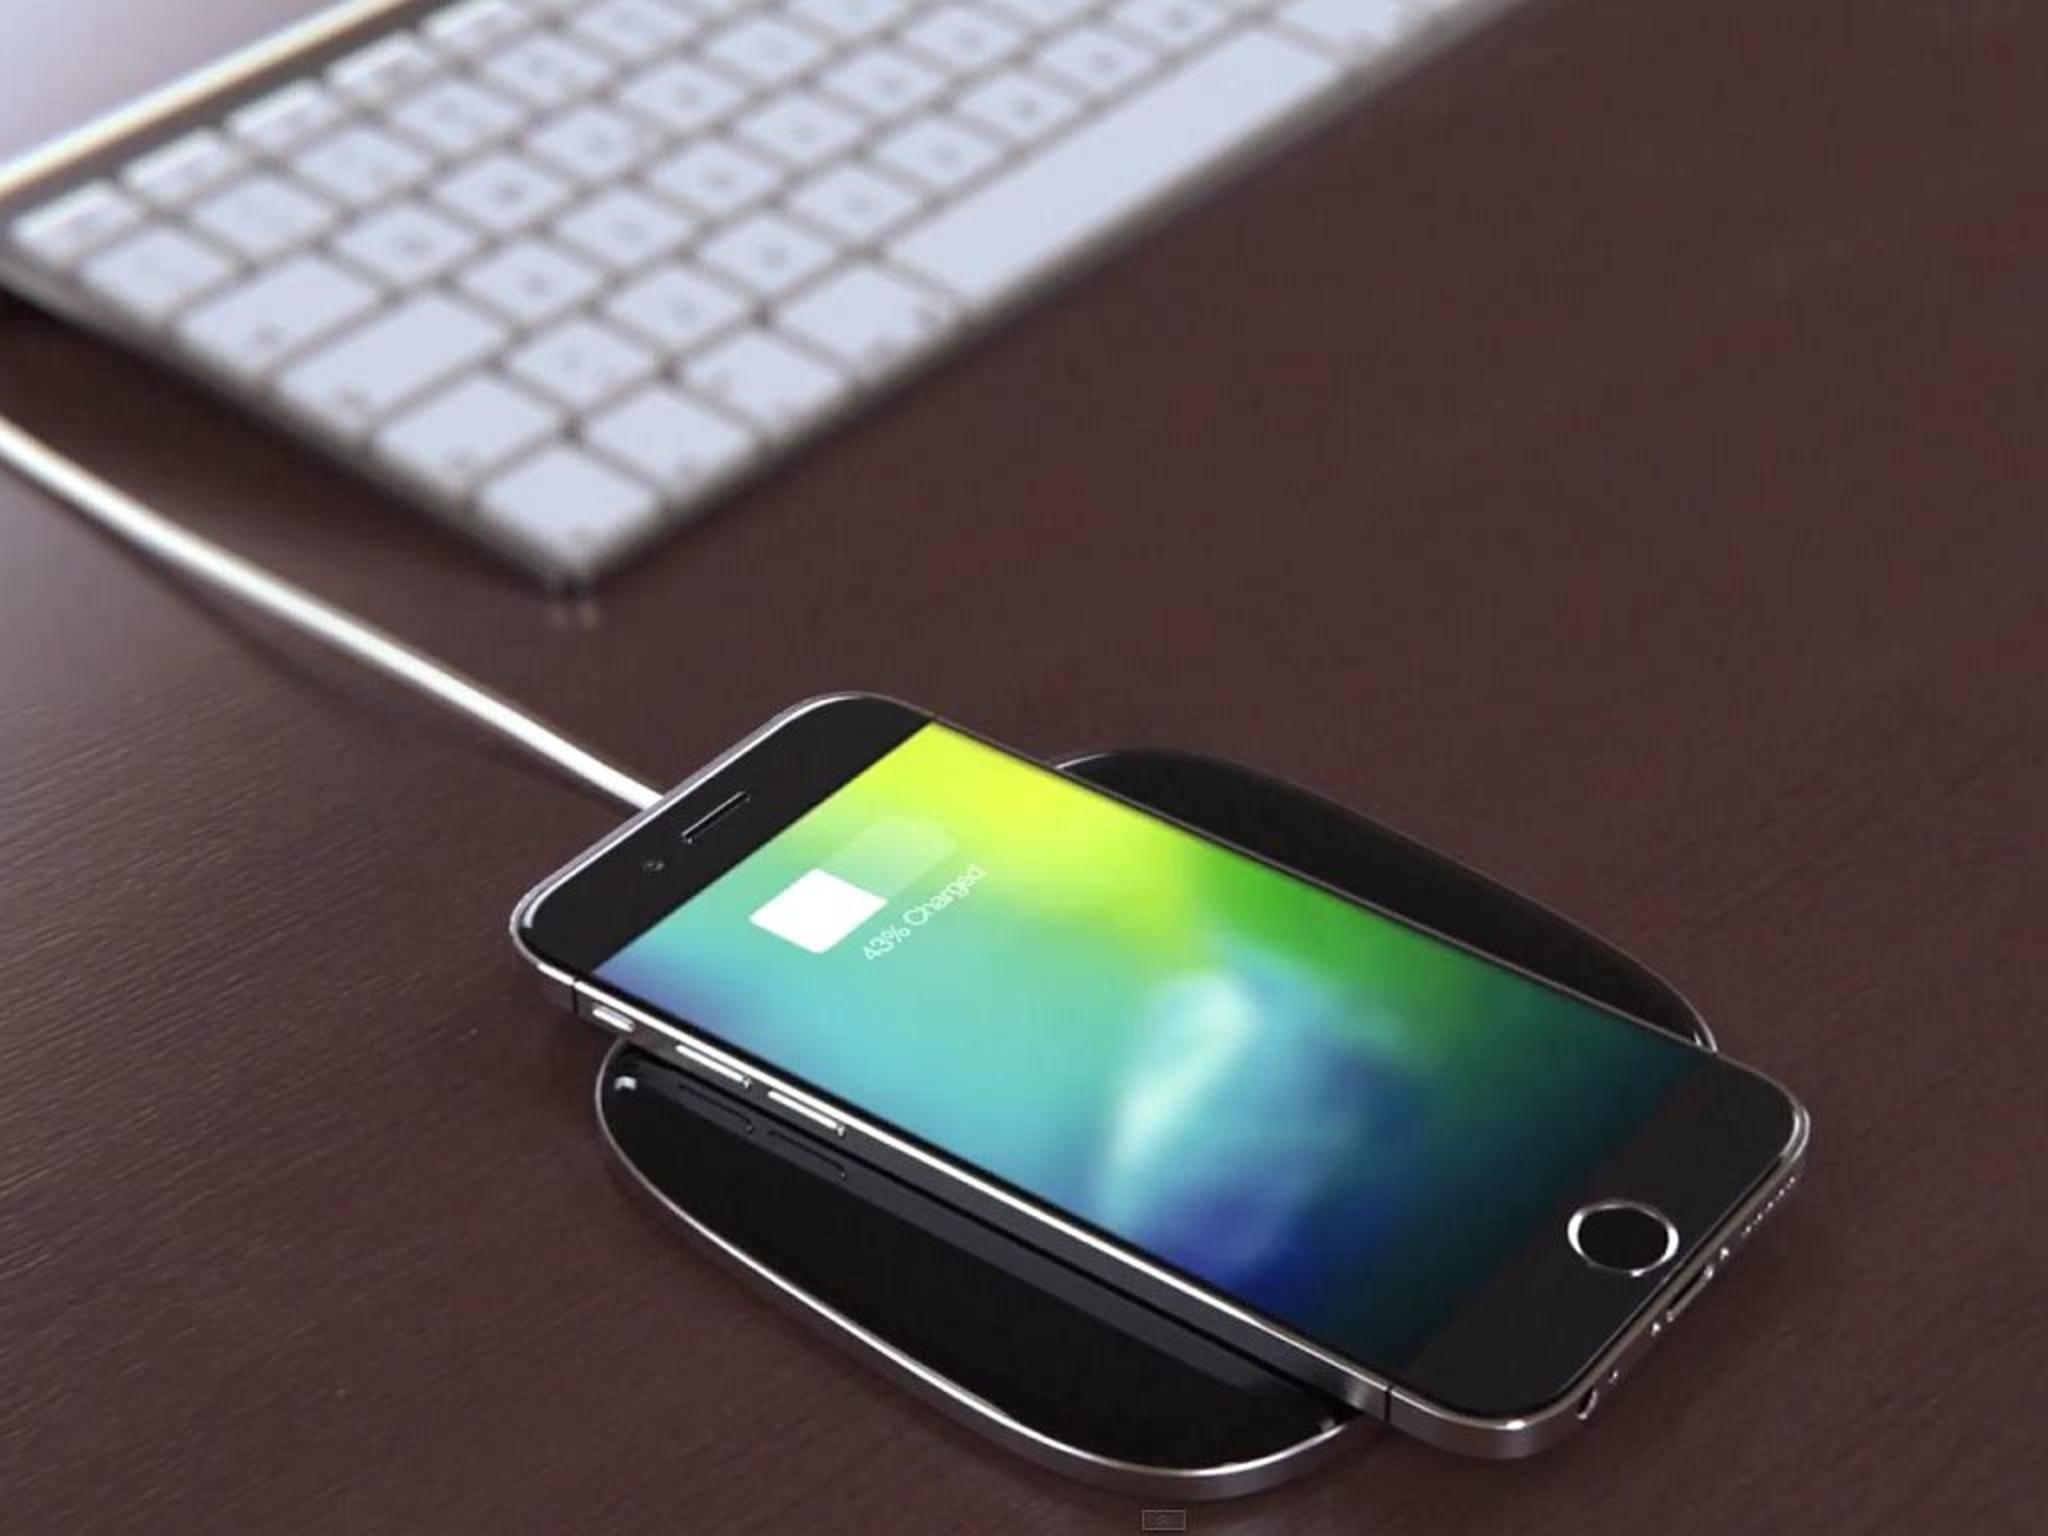 Das iPhone 7 soll kabellos aufgeladen werden können.